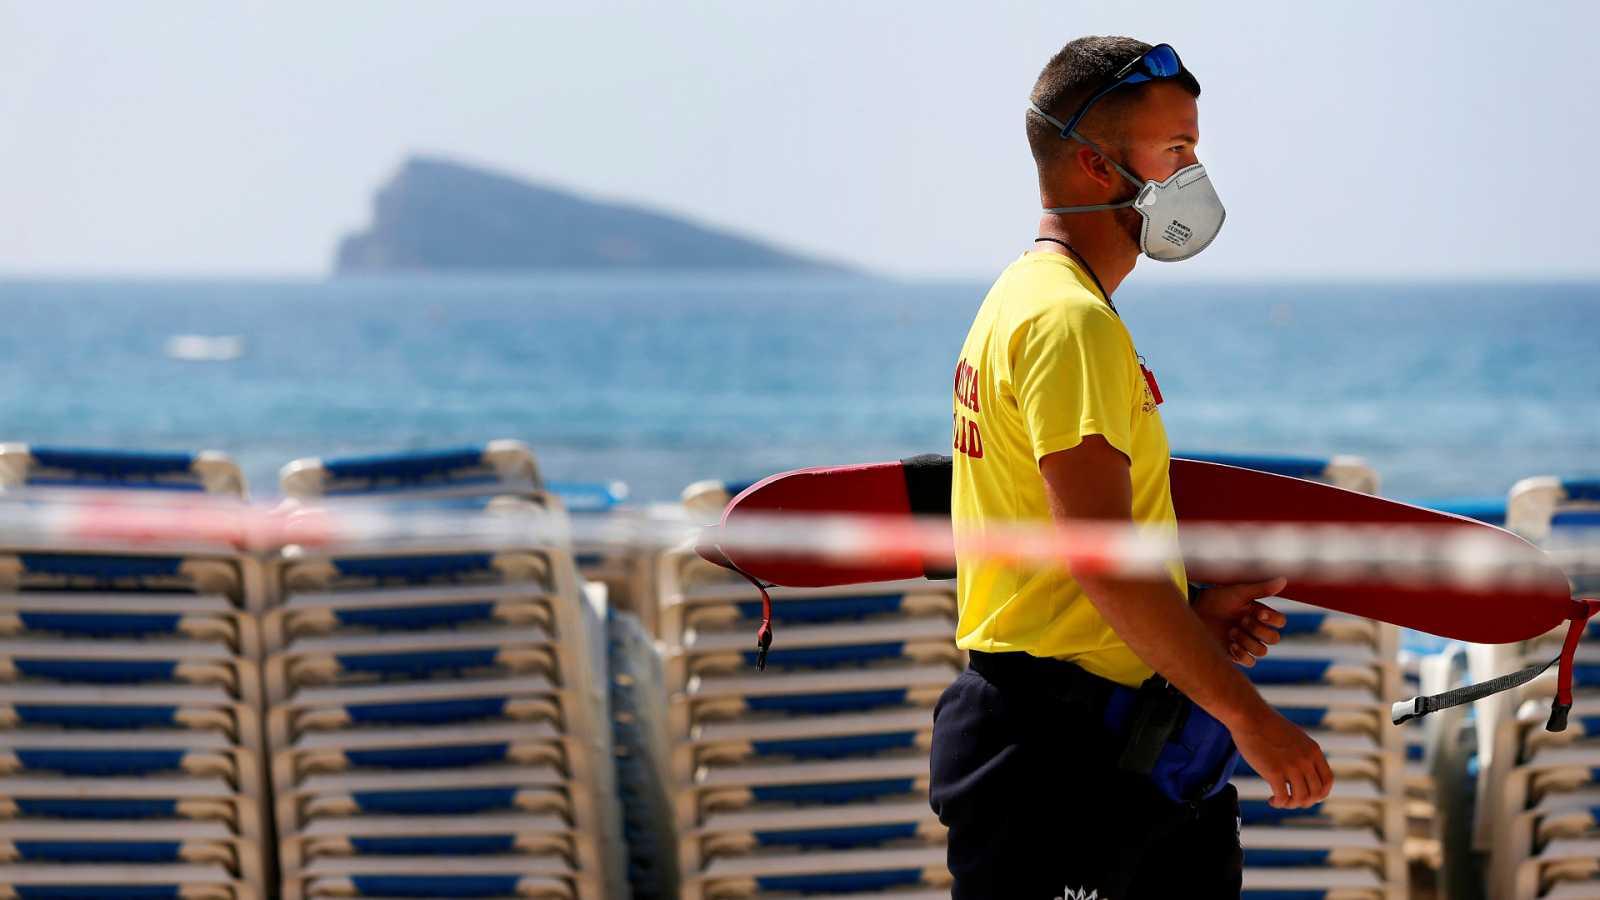 España a las 8 Fin de Semana - El coronavirus obliga a modificar las acciones de rescate de los socorristas, que reclaman mayor acceso a mascarillas - Escuchar ahora